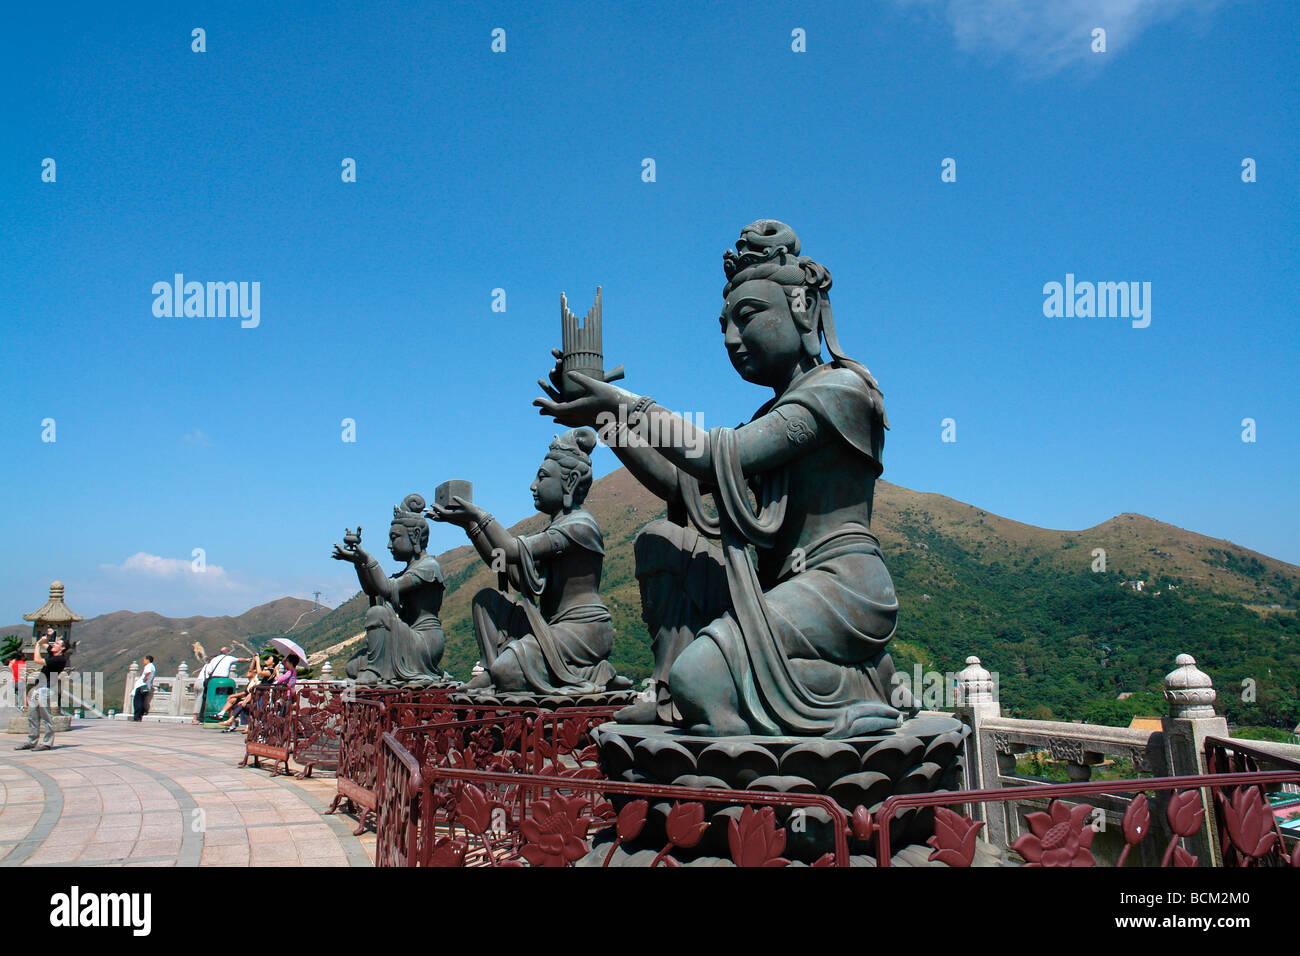 China Hong Kong Lantau island Tien Tan Buddha statue in Po Lin temple Ngong Ping district - Stock Image